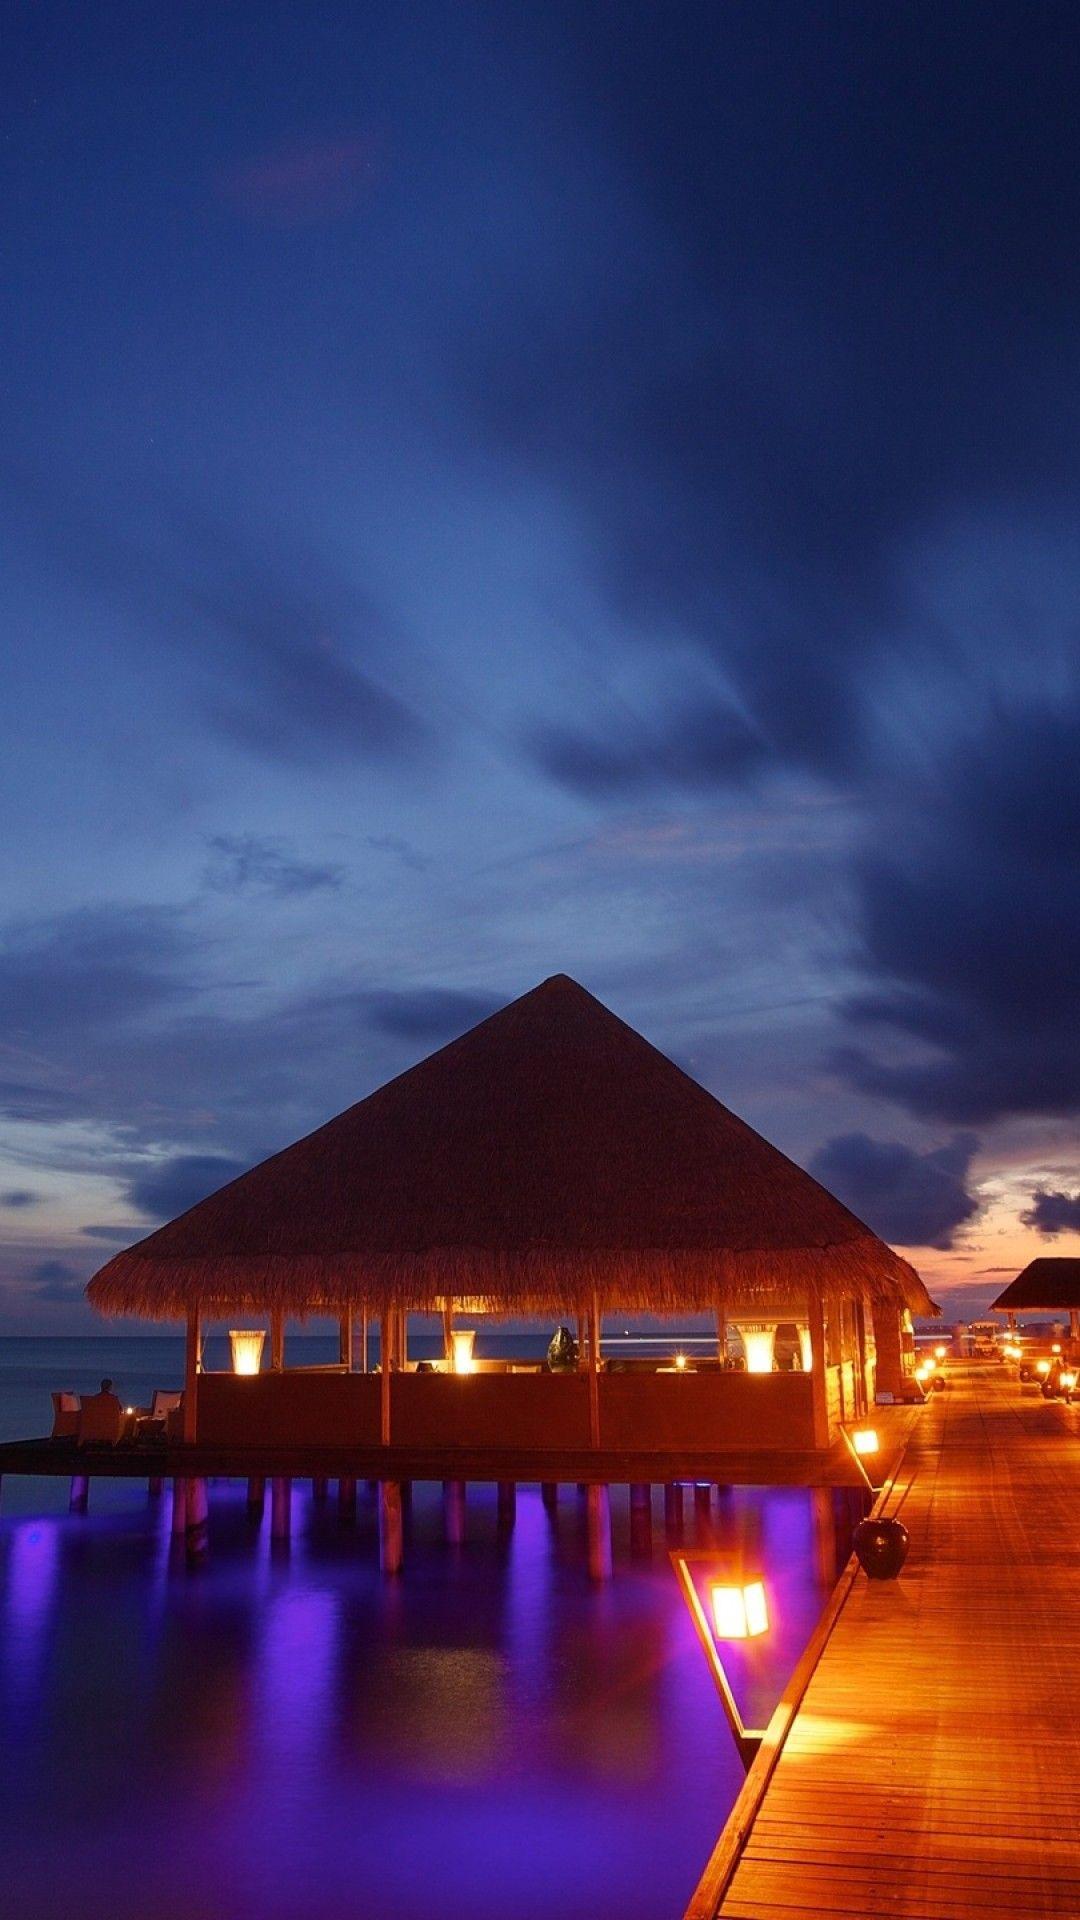 モルディブの夜 Iphone Xの壁紙がダウンロードし放題 モルディブ 水上コテージ リゾート 海外